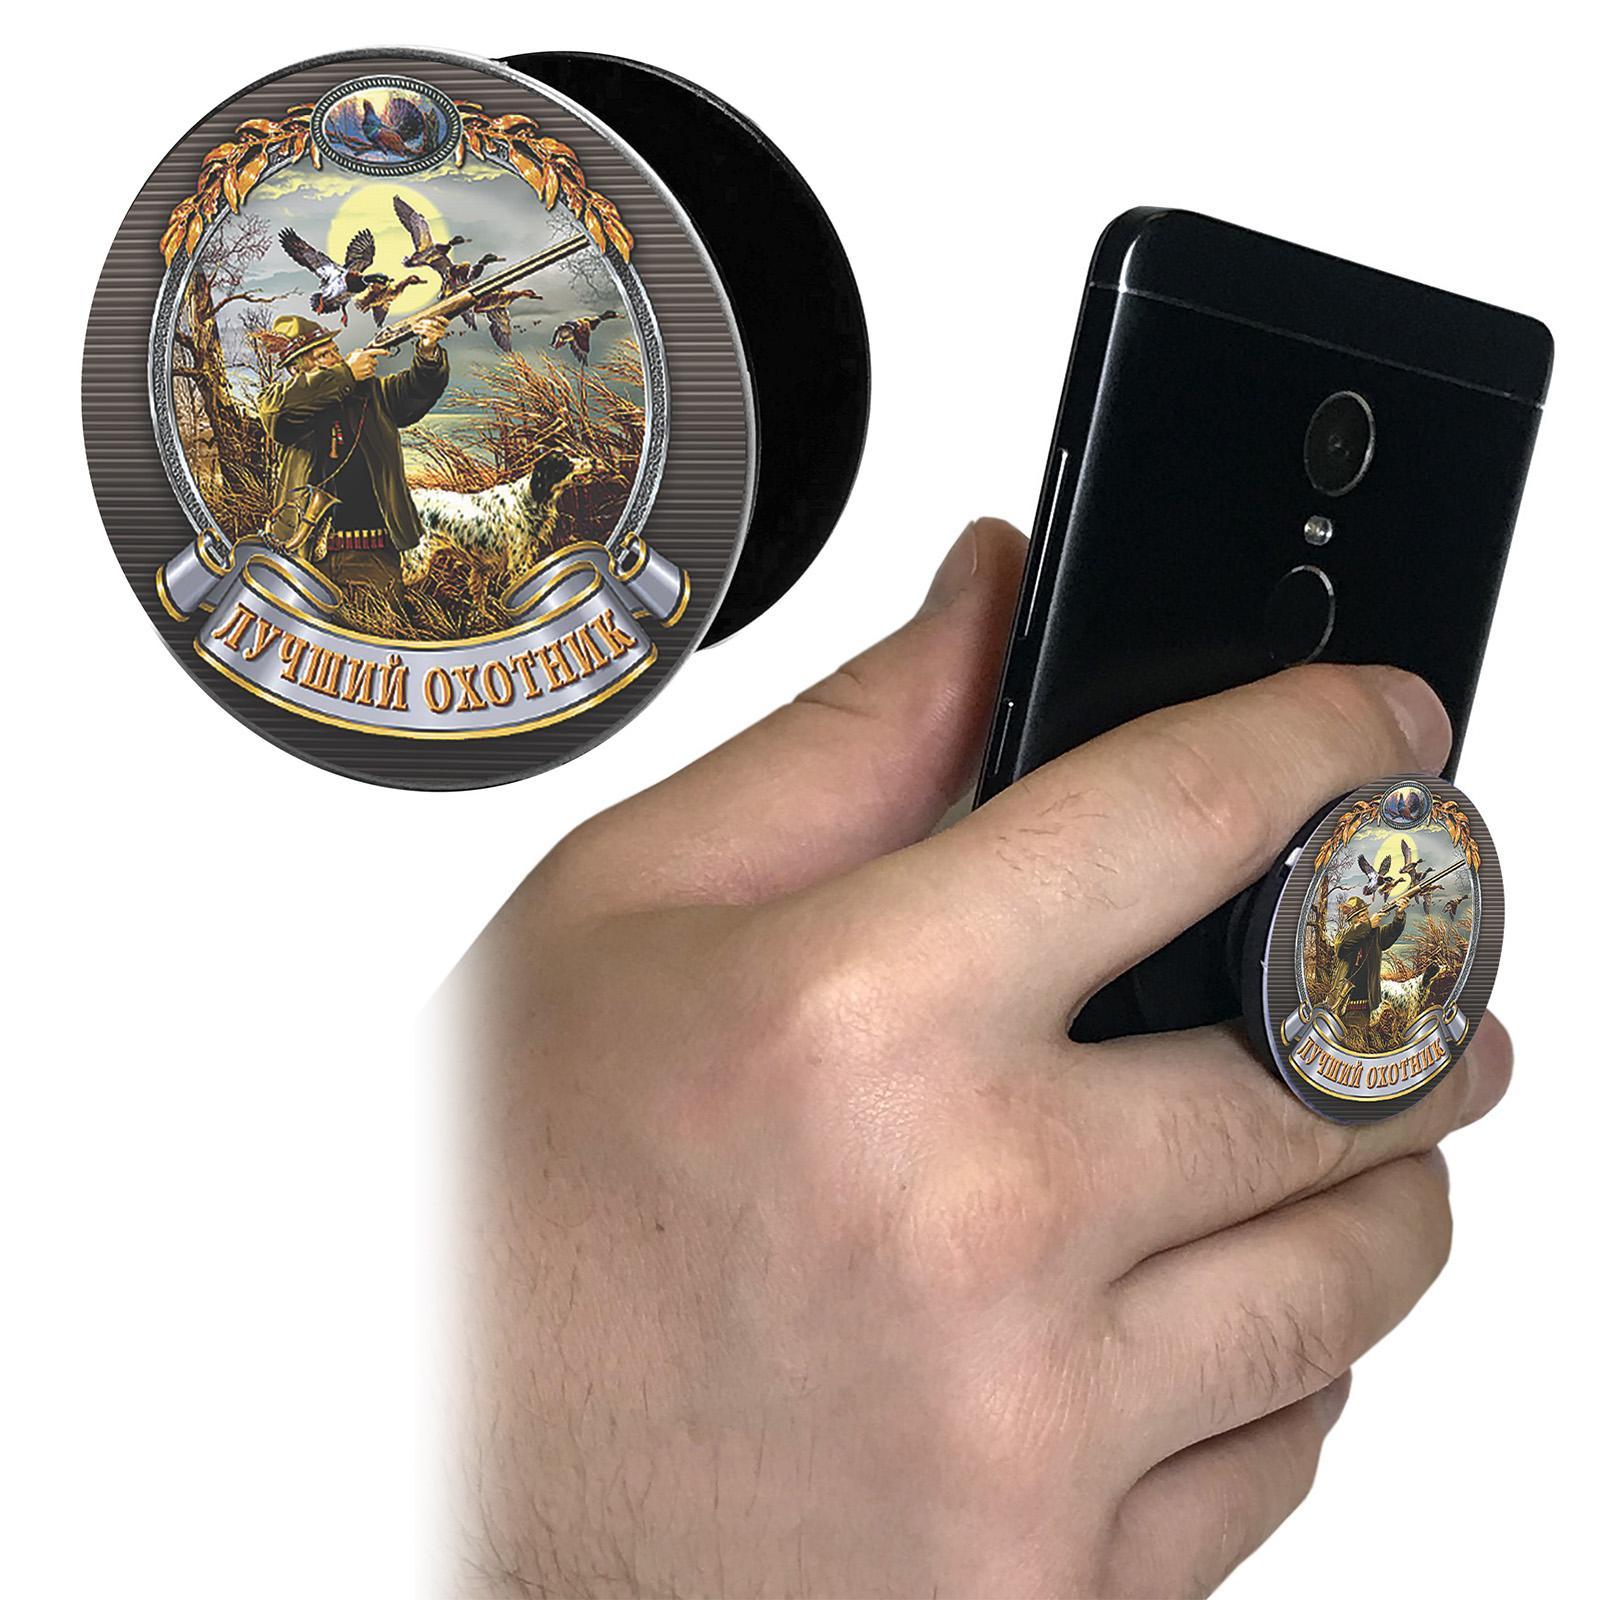 """Стильный держатель-подставка для телефона """"Лучший охотник"""""""